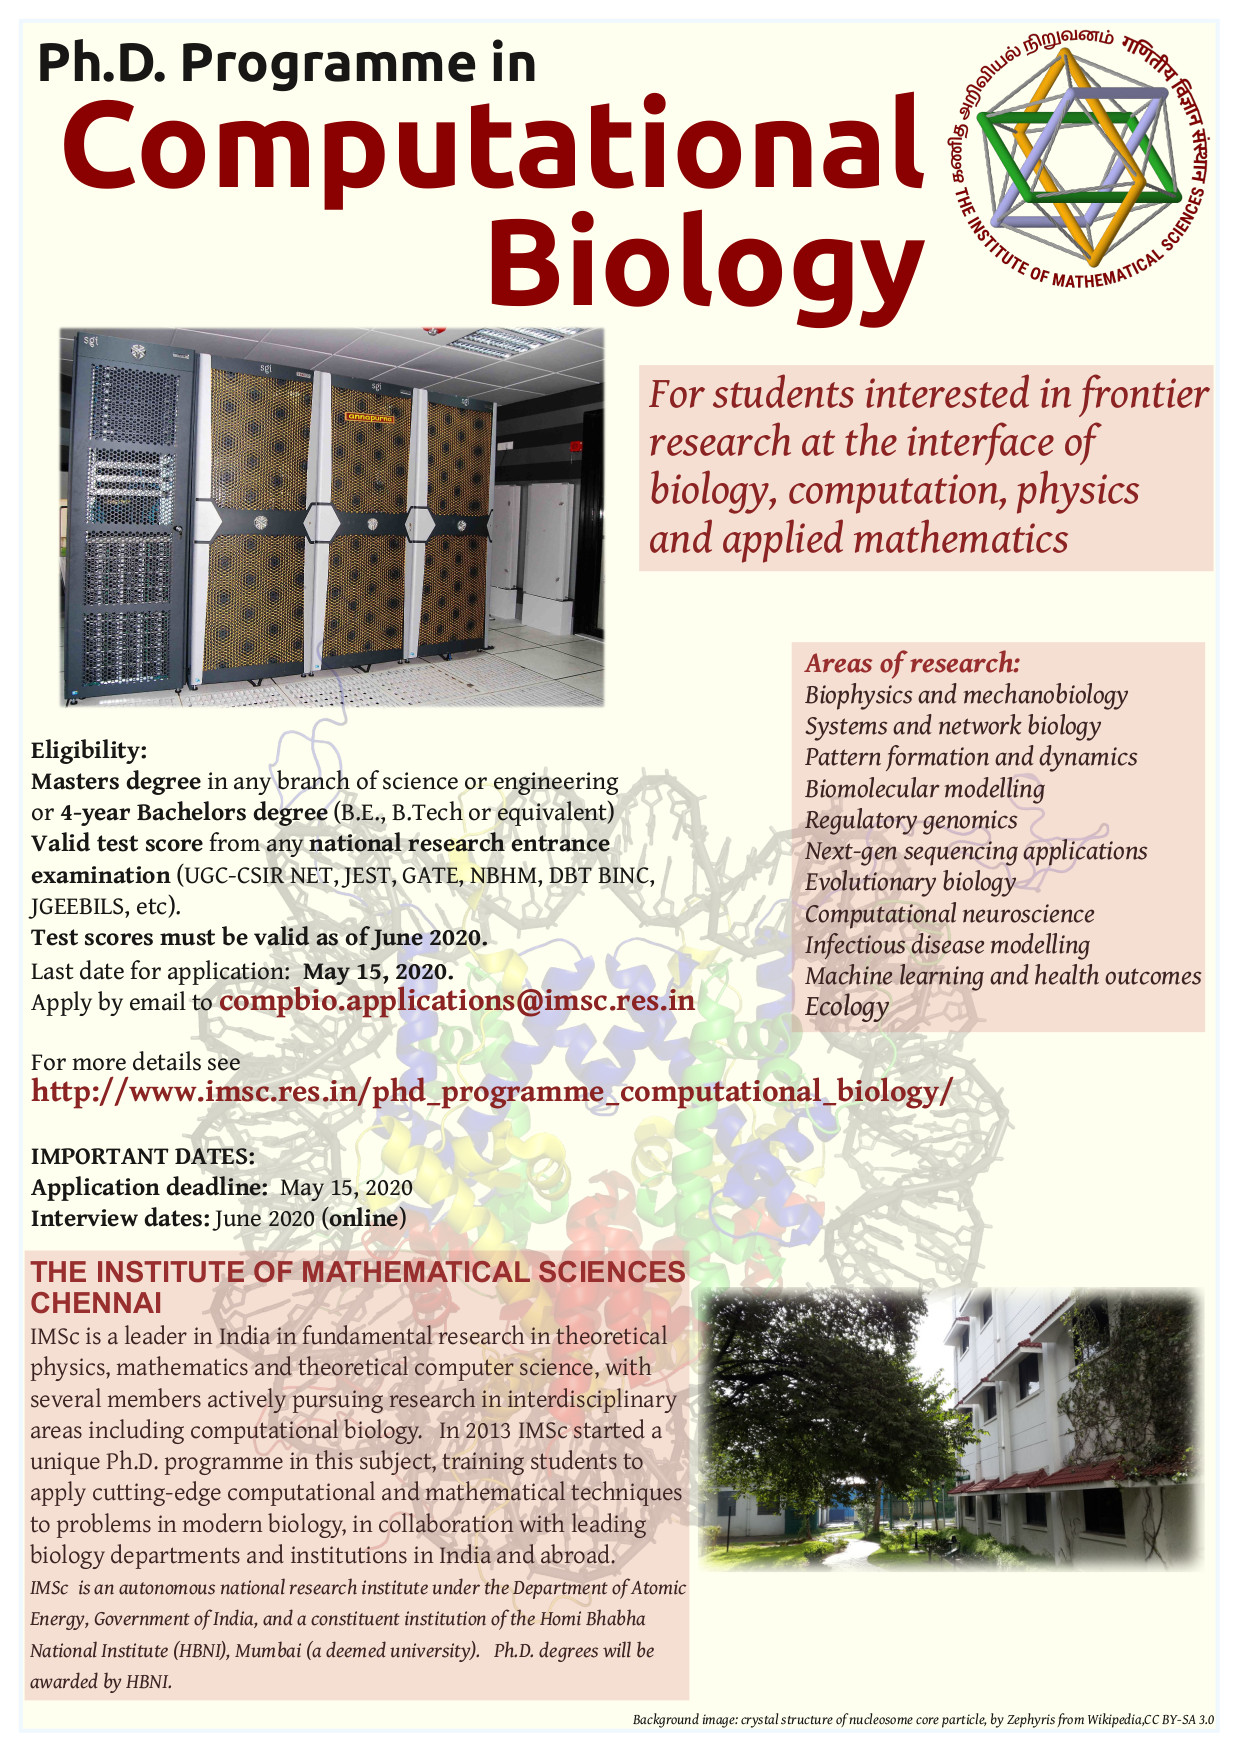 IMSc Computational Biology PhD admissions